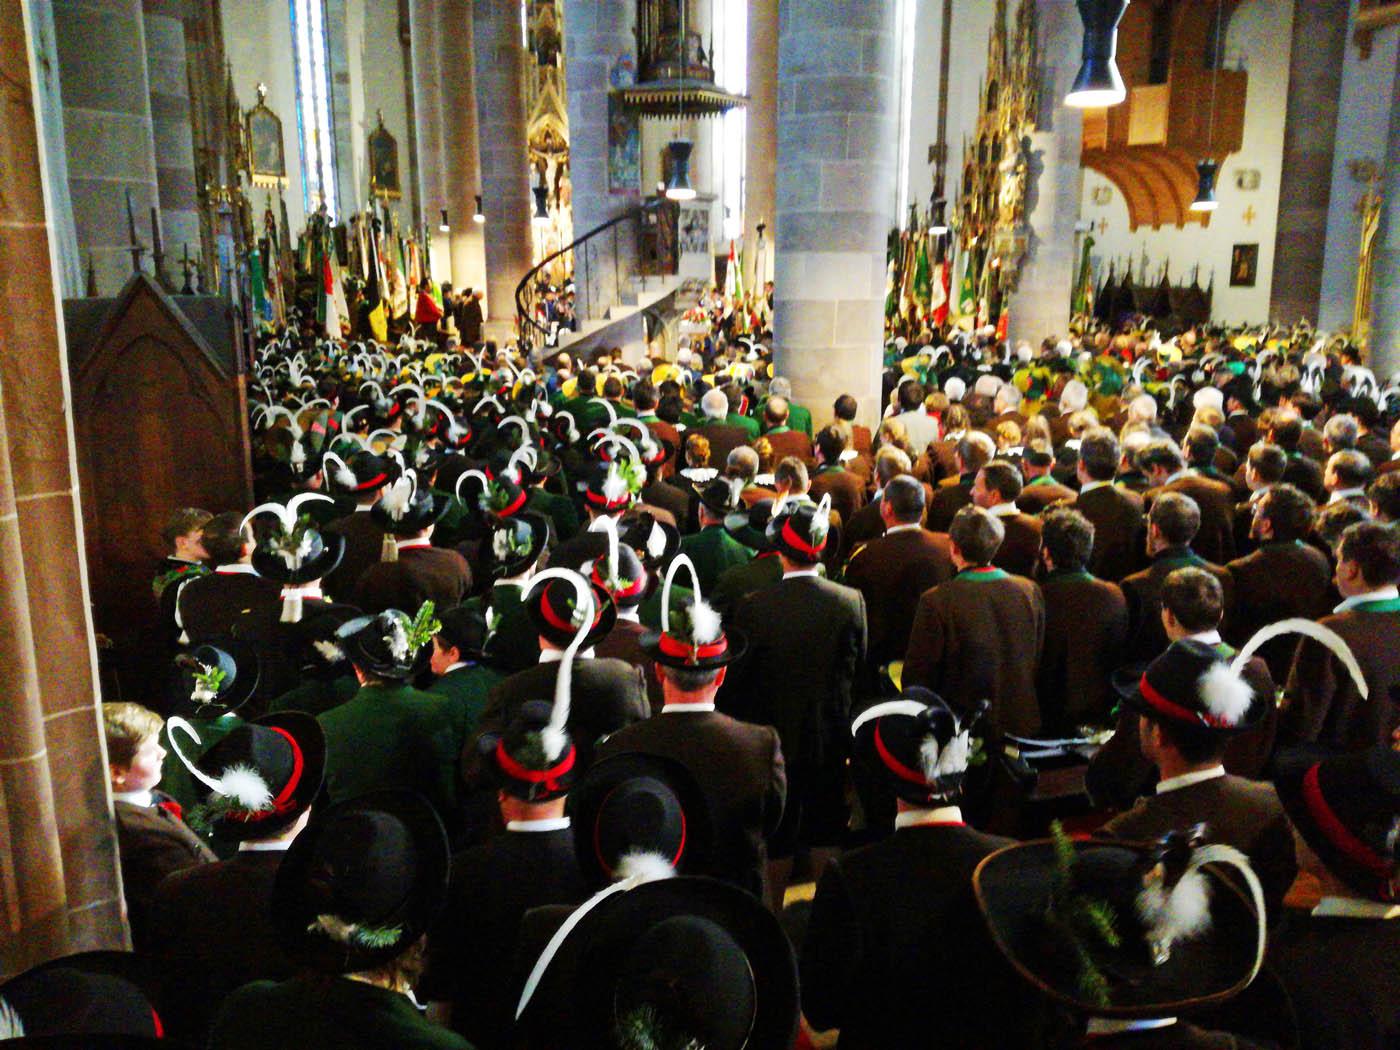 Kerschbaumer-Gedenkfeier: Wenn Unrecht Recht wird, wird Widerstand Pflicht